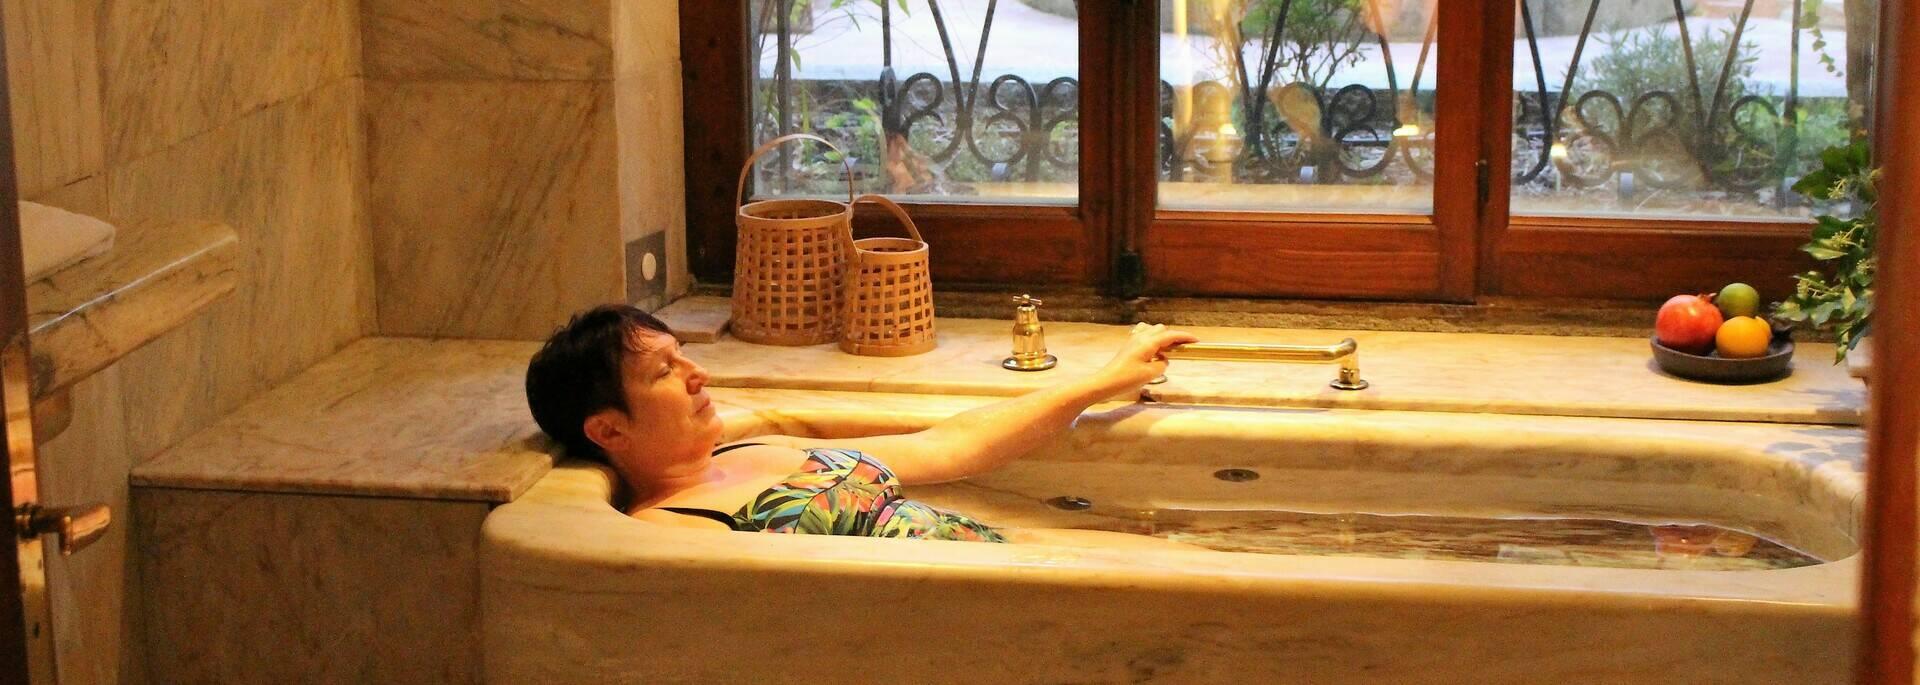 station thermale molitg les bains pyrénées orientales